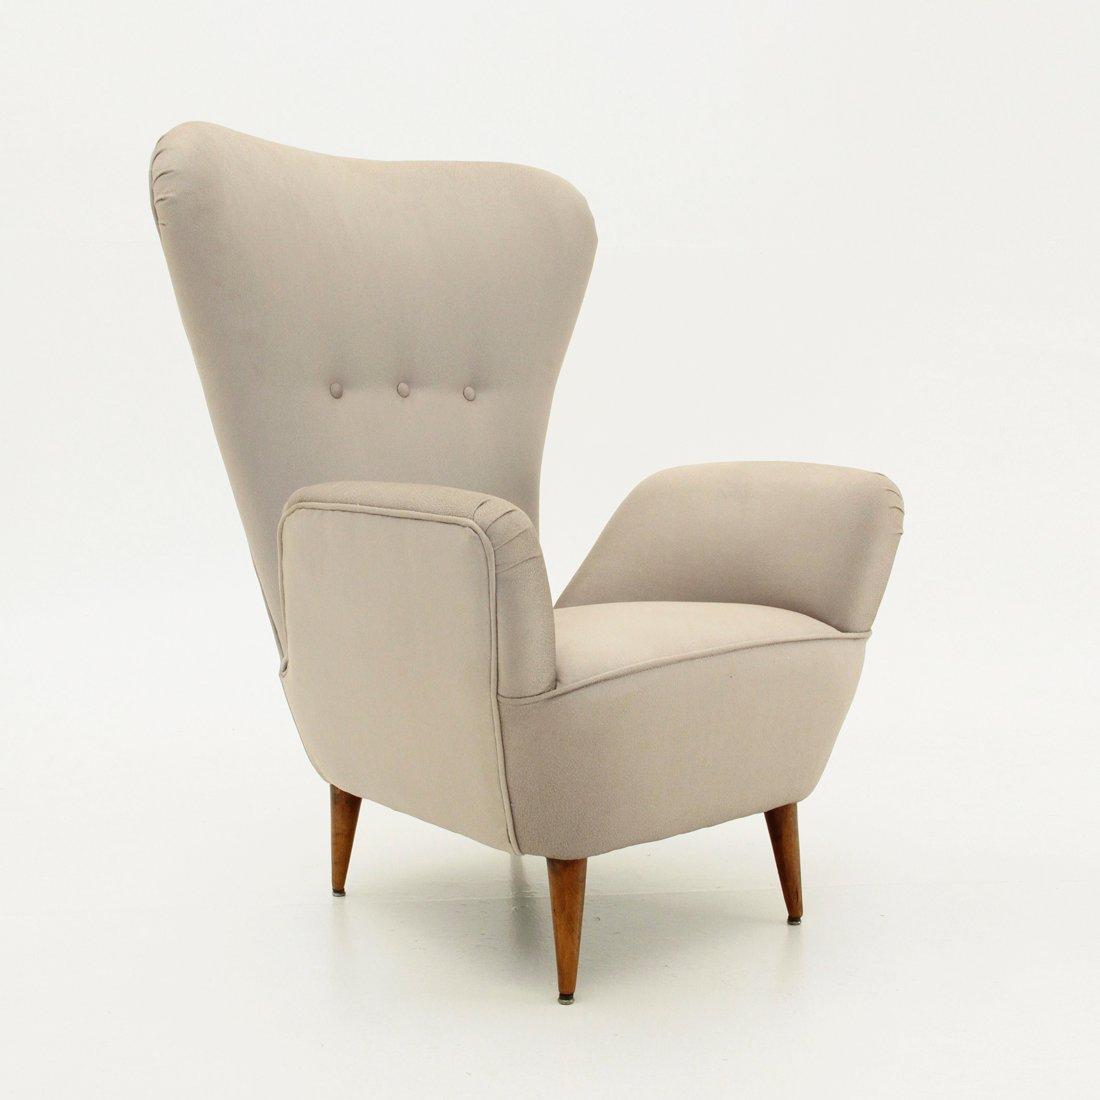 Faszinierend Sessel Hohe Lehne Sammlung Von Italienischer Mit Hoher Rückenlehne Und Konischen Beinen,